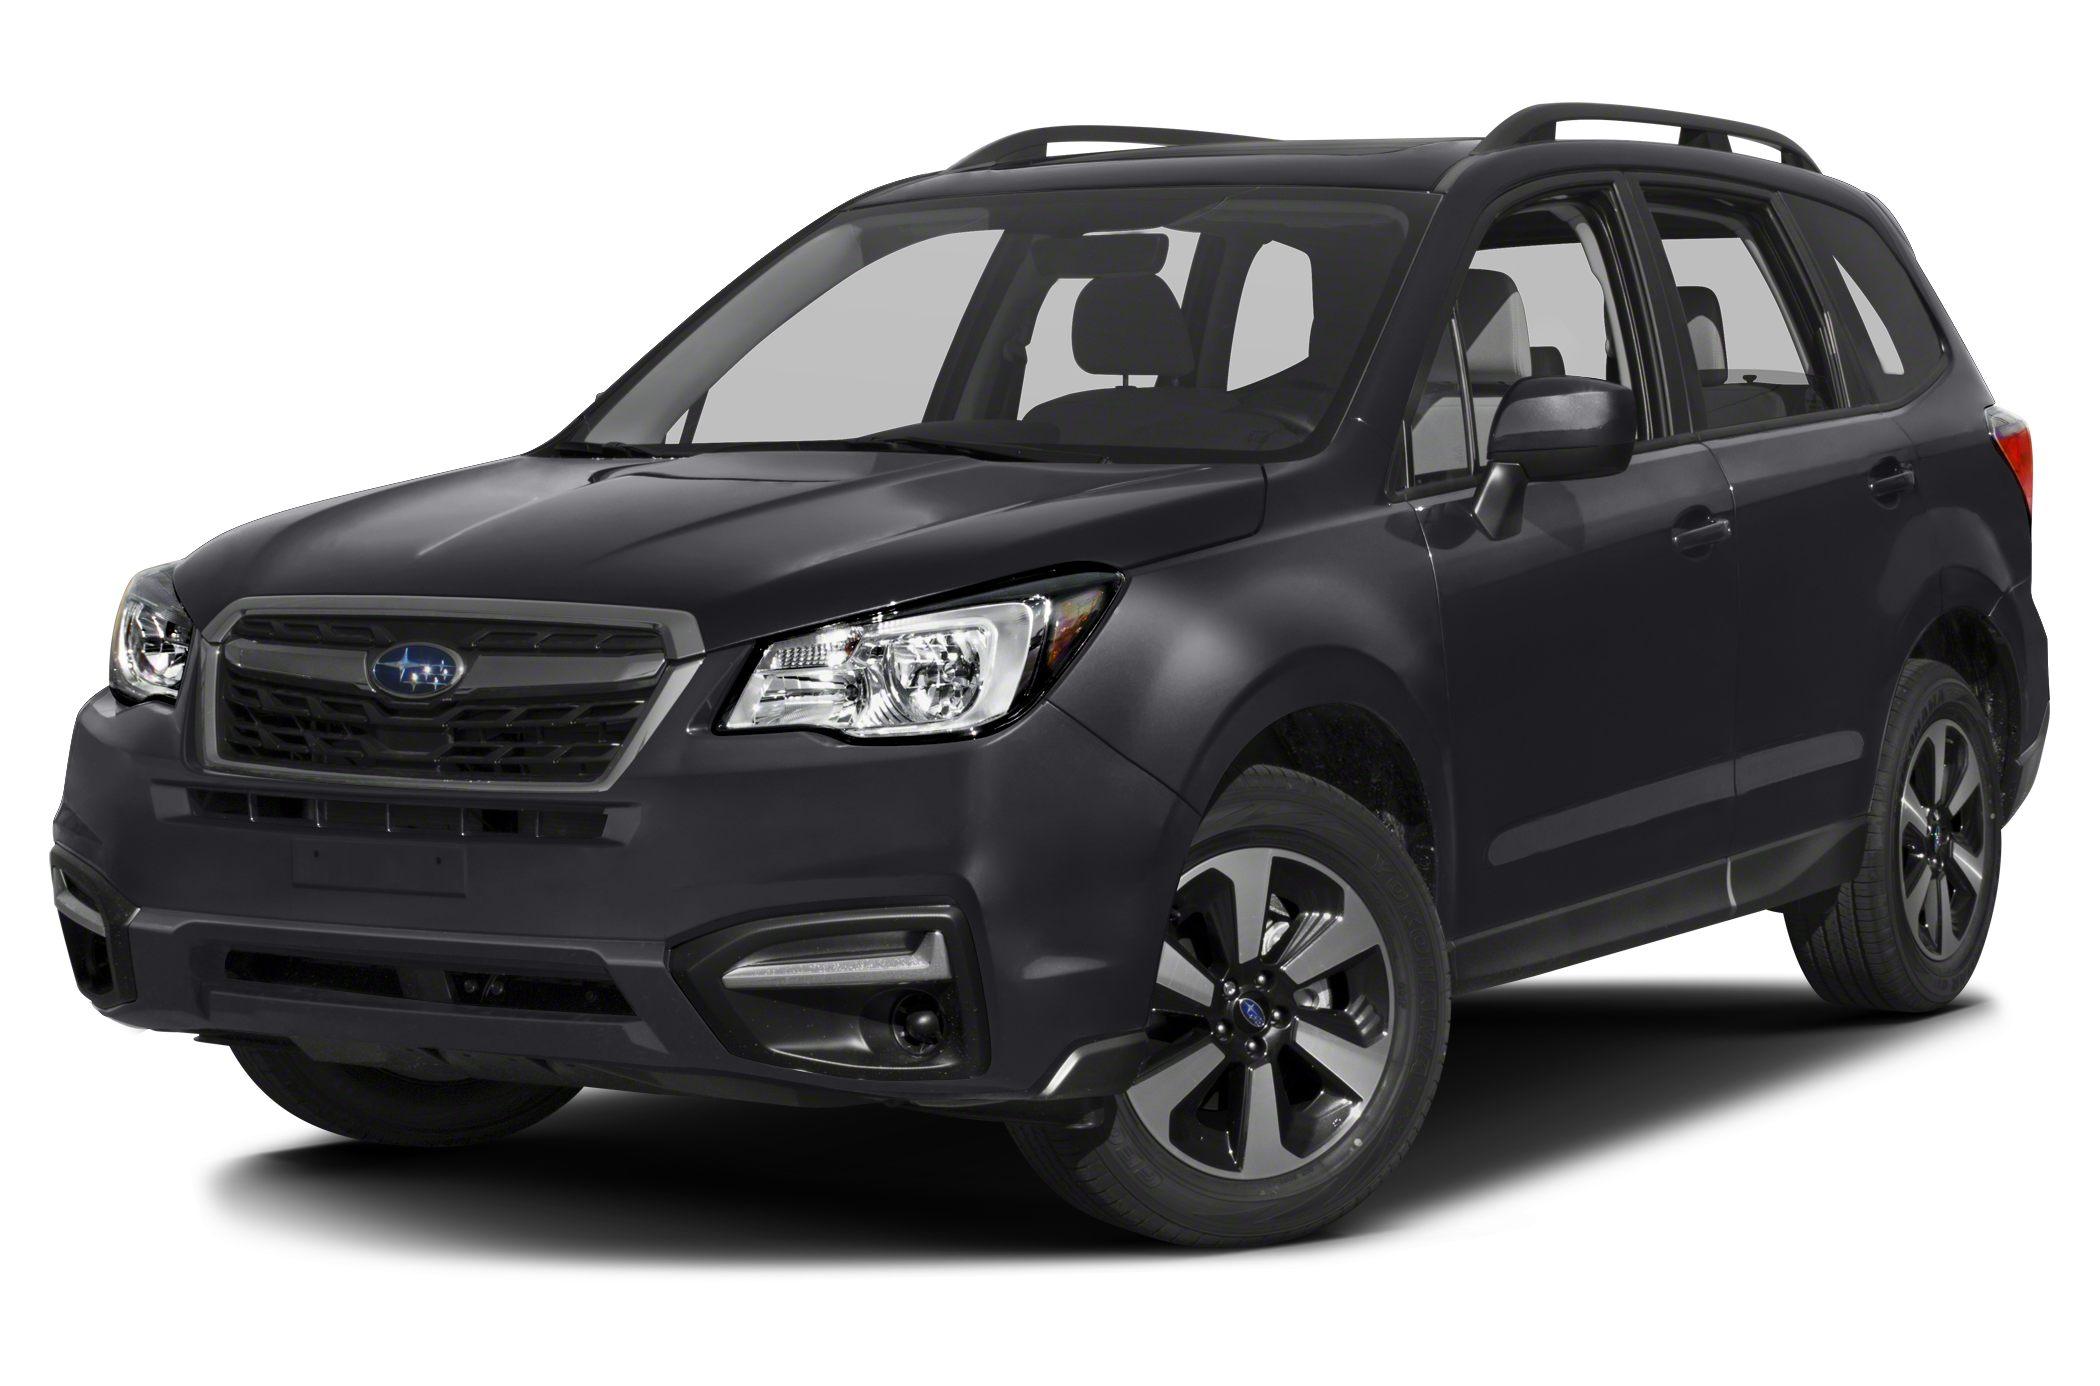 2018 Subaru Forester 2.5i Premium 4dr All-wheel Drive